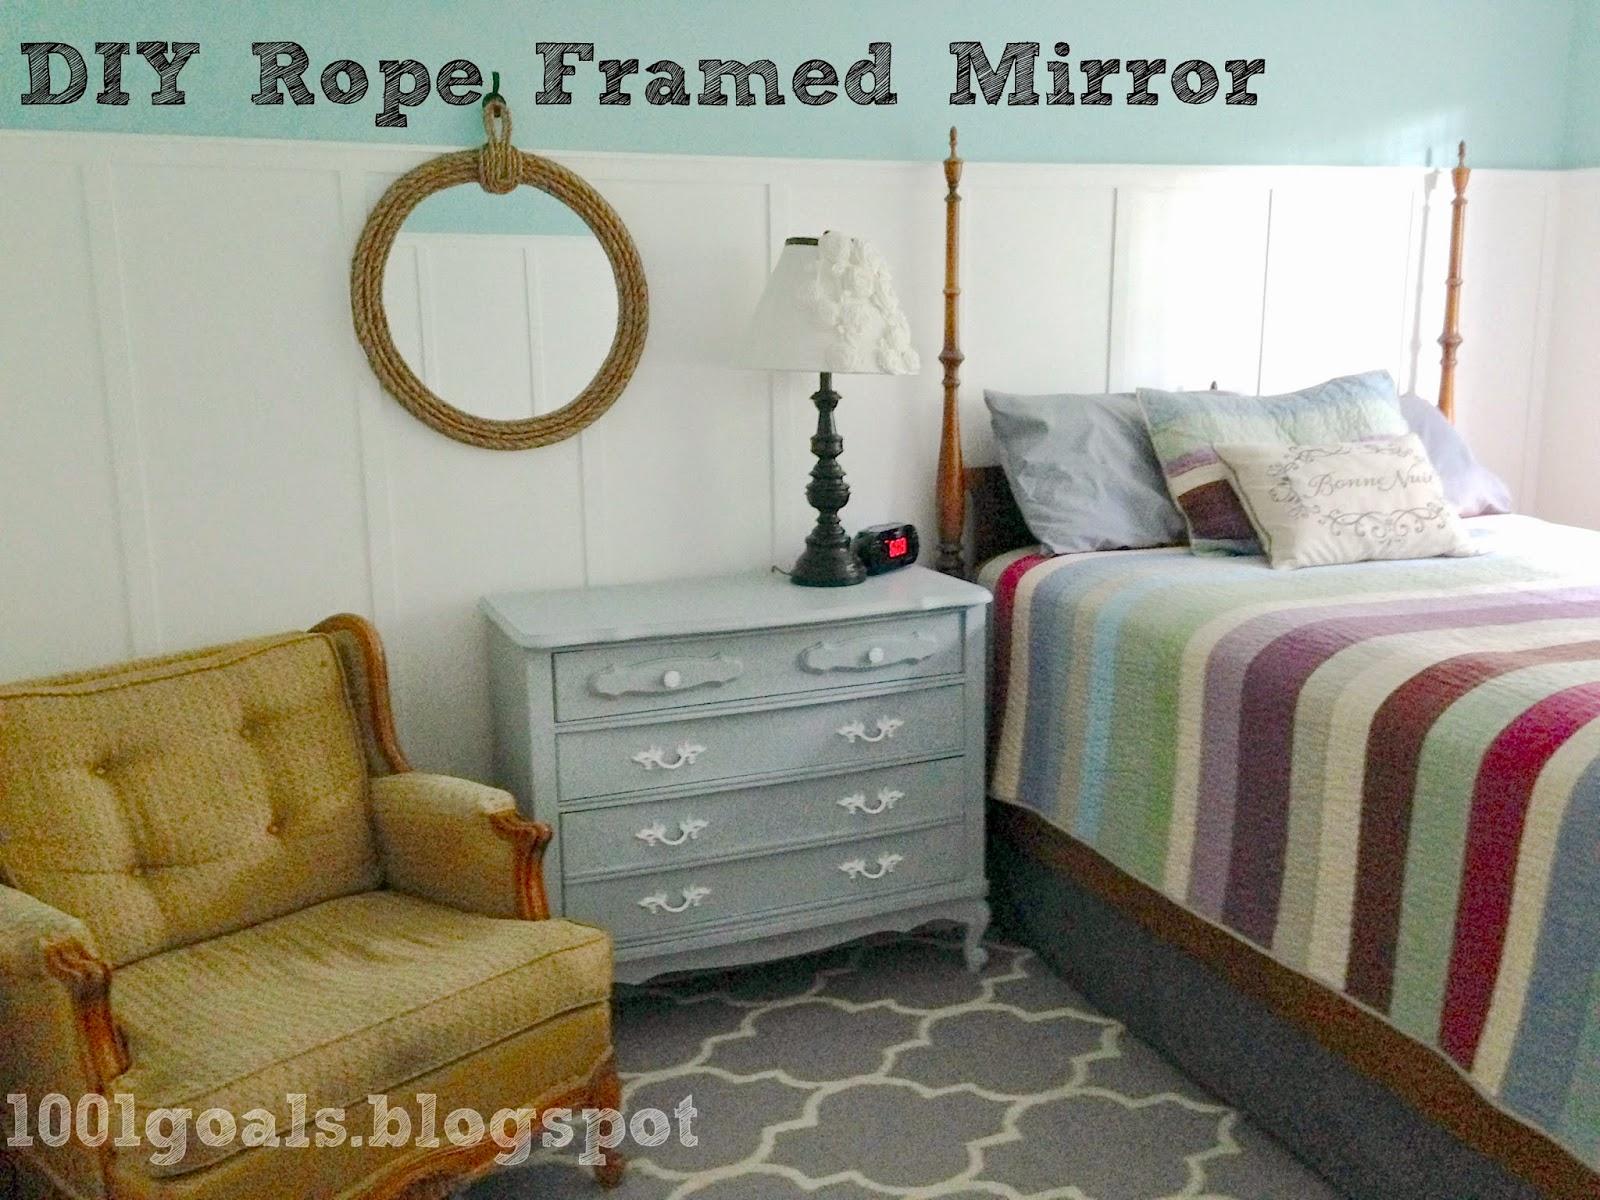 DIY Rope Framed Mirror